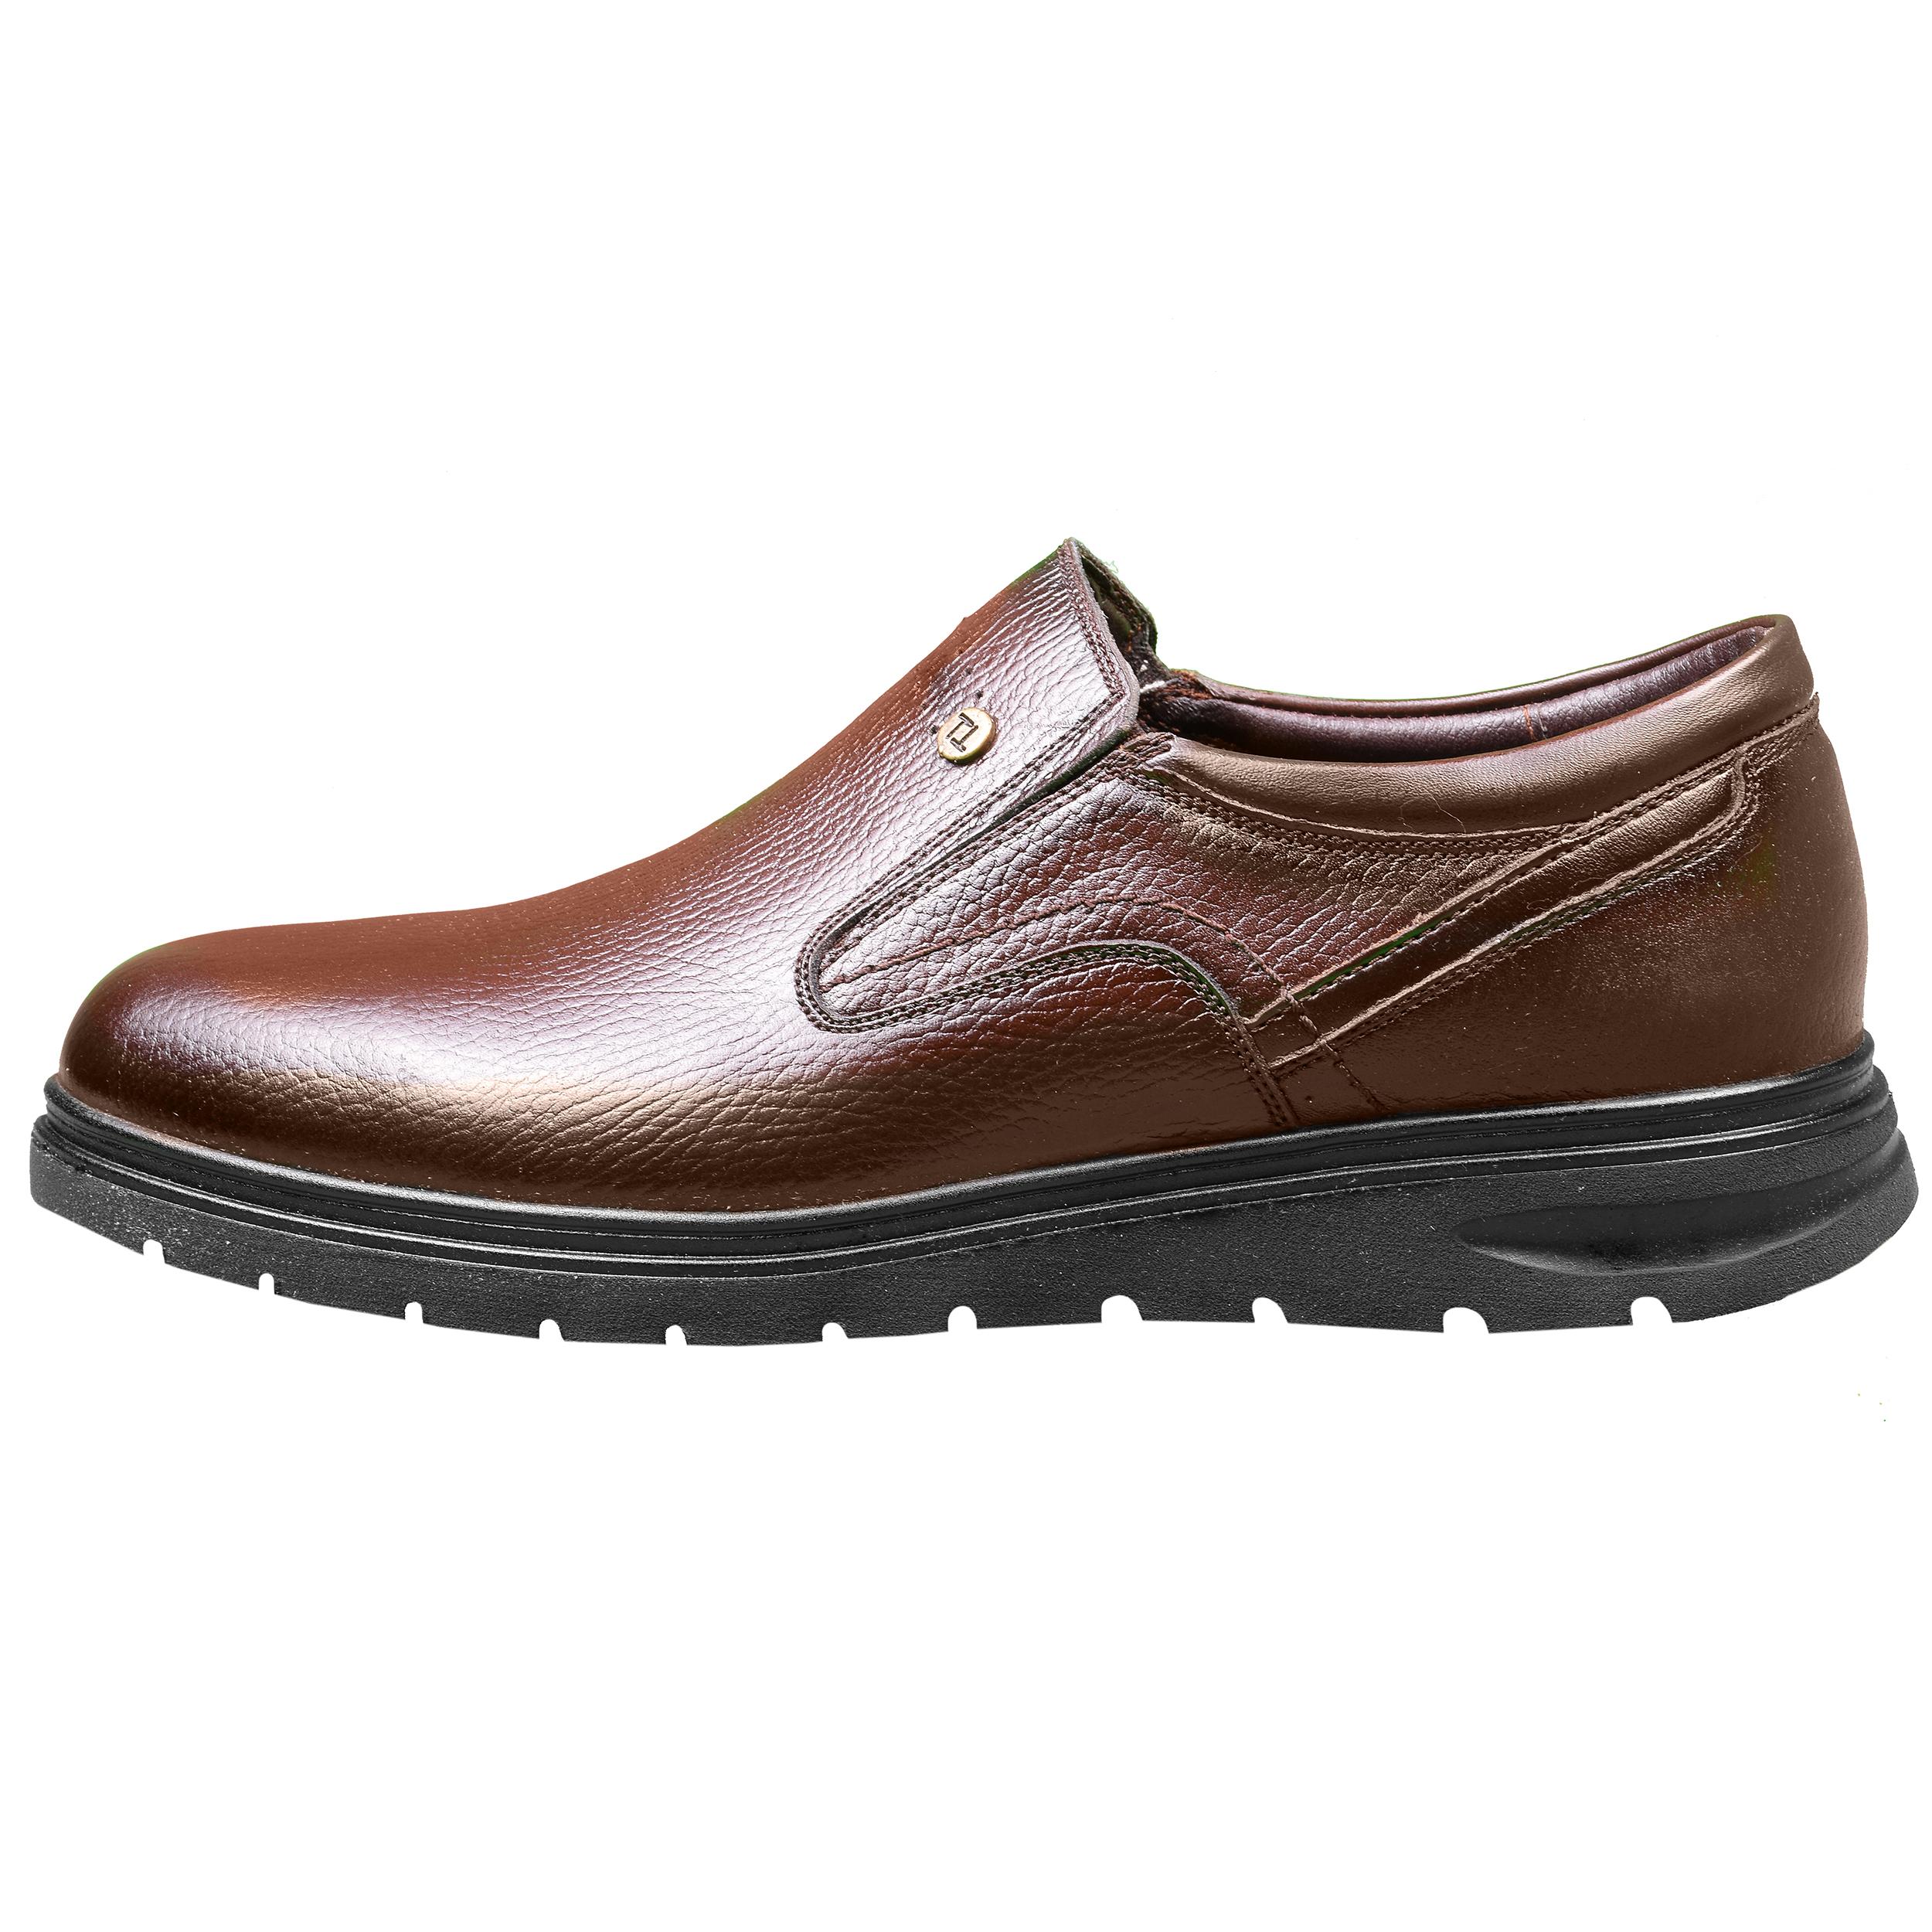 کفش مردانه طاها مدل 1086 رنگ قهوه ای